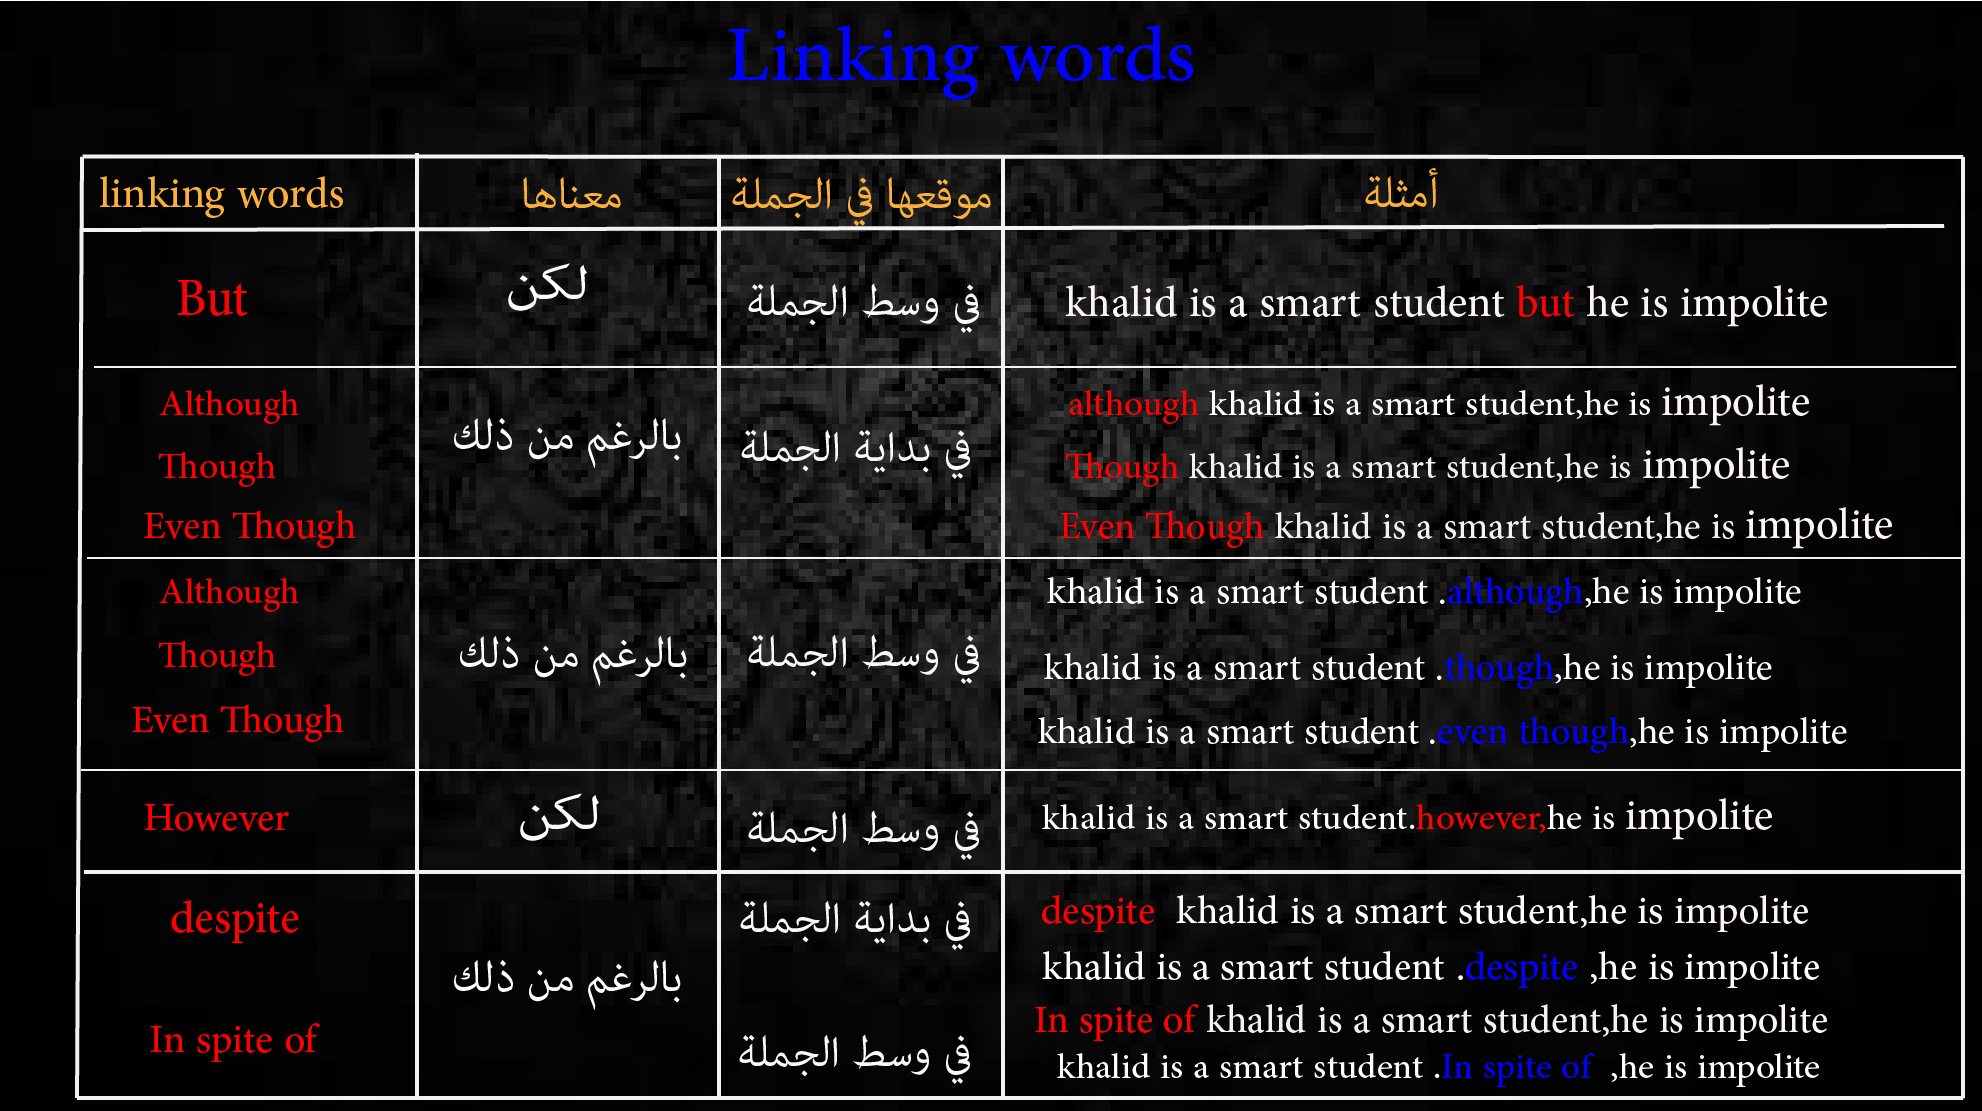 أبسط شرح لدرس أدوات الربط في اللغة االإنجليزية Linking words in English